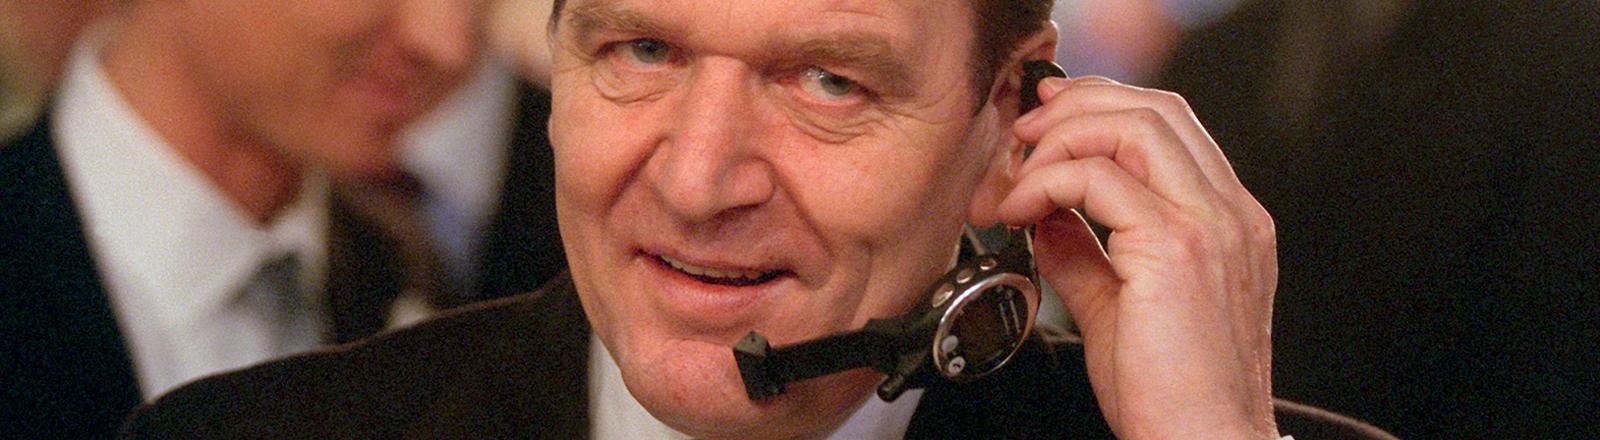 Schmunzelnd telefoniert Bundeskanzler Gerhard Schröder am 24.2.2000 in Hannover bei seinem Eröffnungsrundgang auf der Computermesse CeBIT mit einem Watchphone von Motorola - ein Handy in Form einer Armbanduhr.